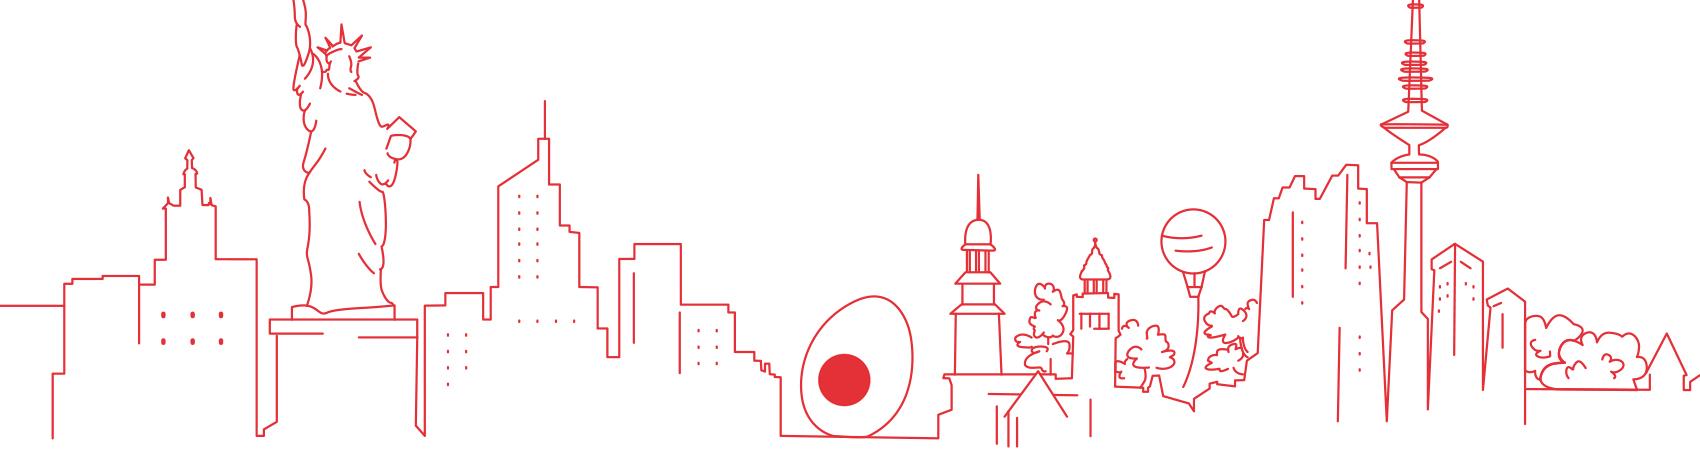 menori-design-agentur-fuer-markenwelten-strategie-hamburg-new-york